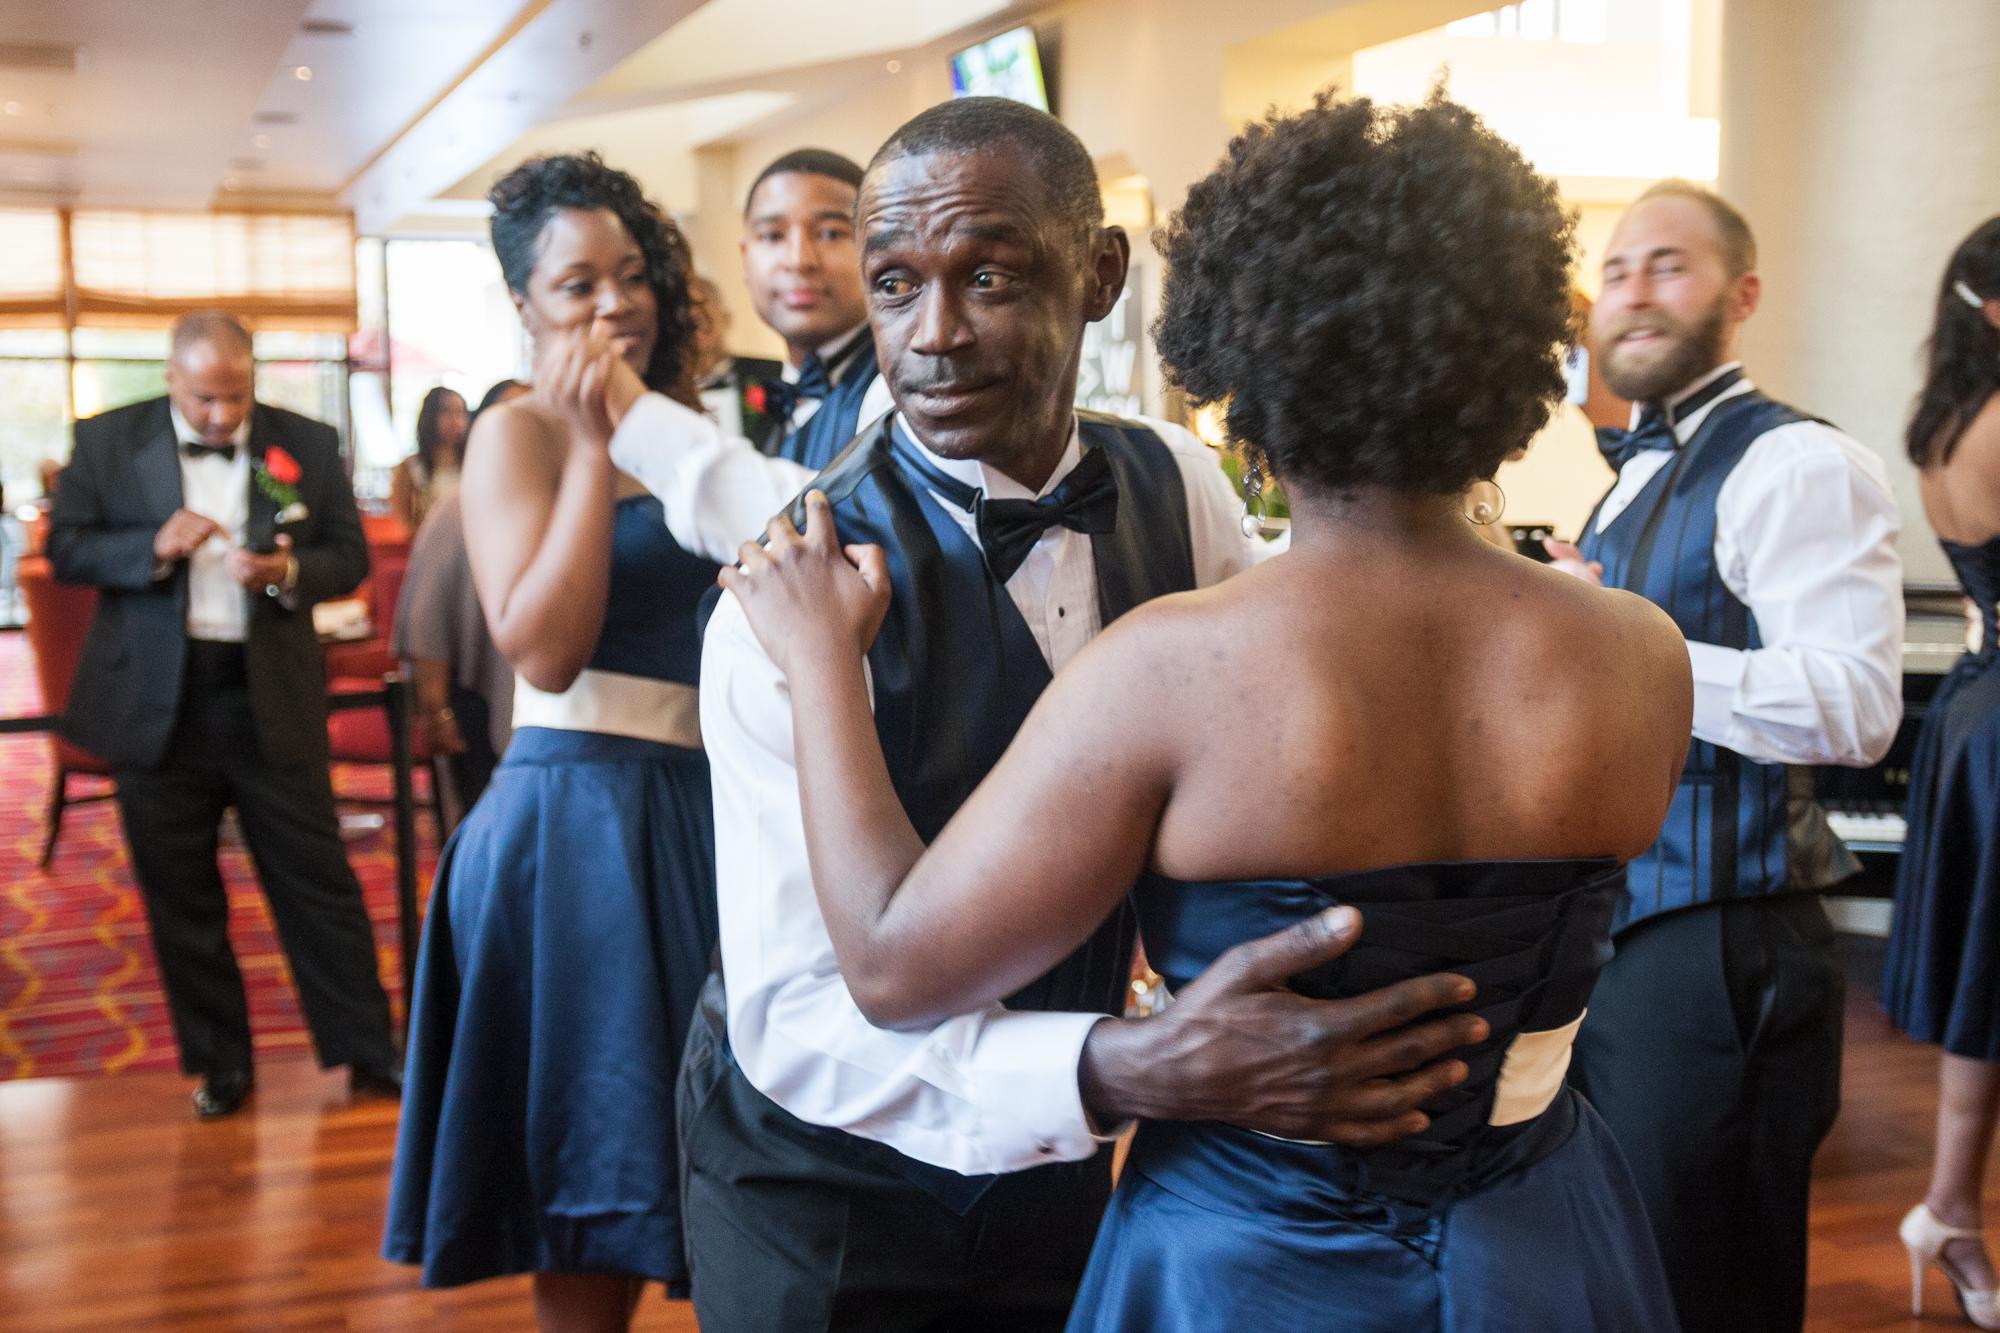 oakland marriott dancing